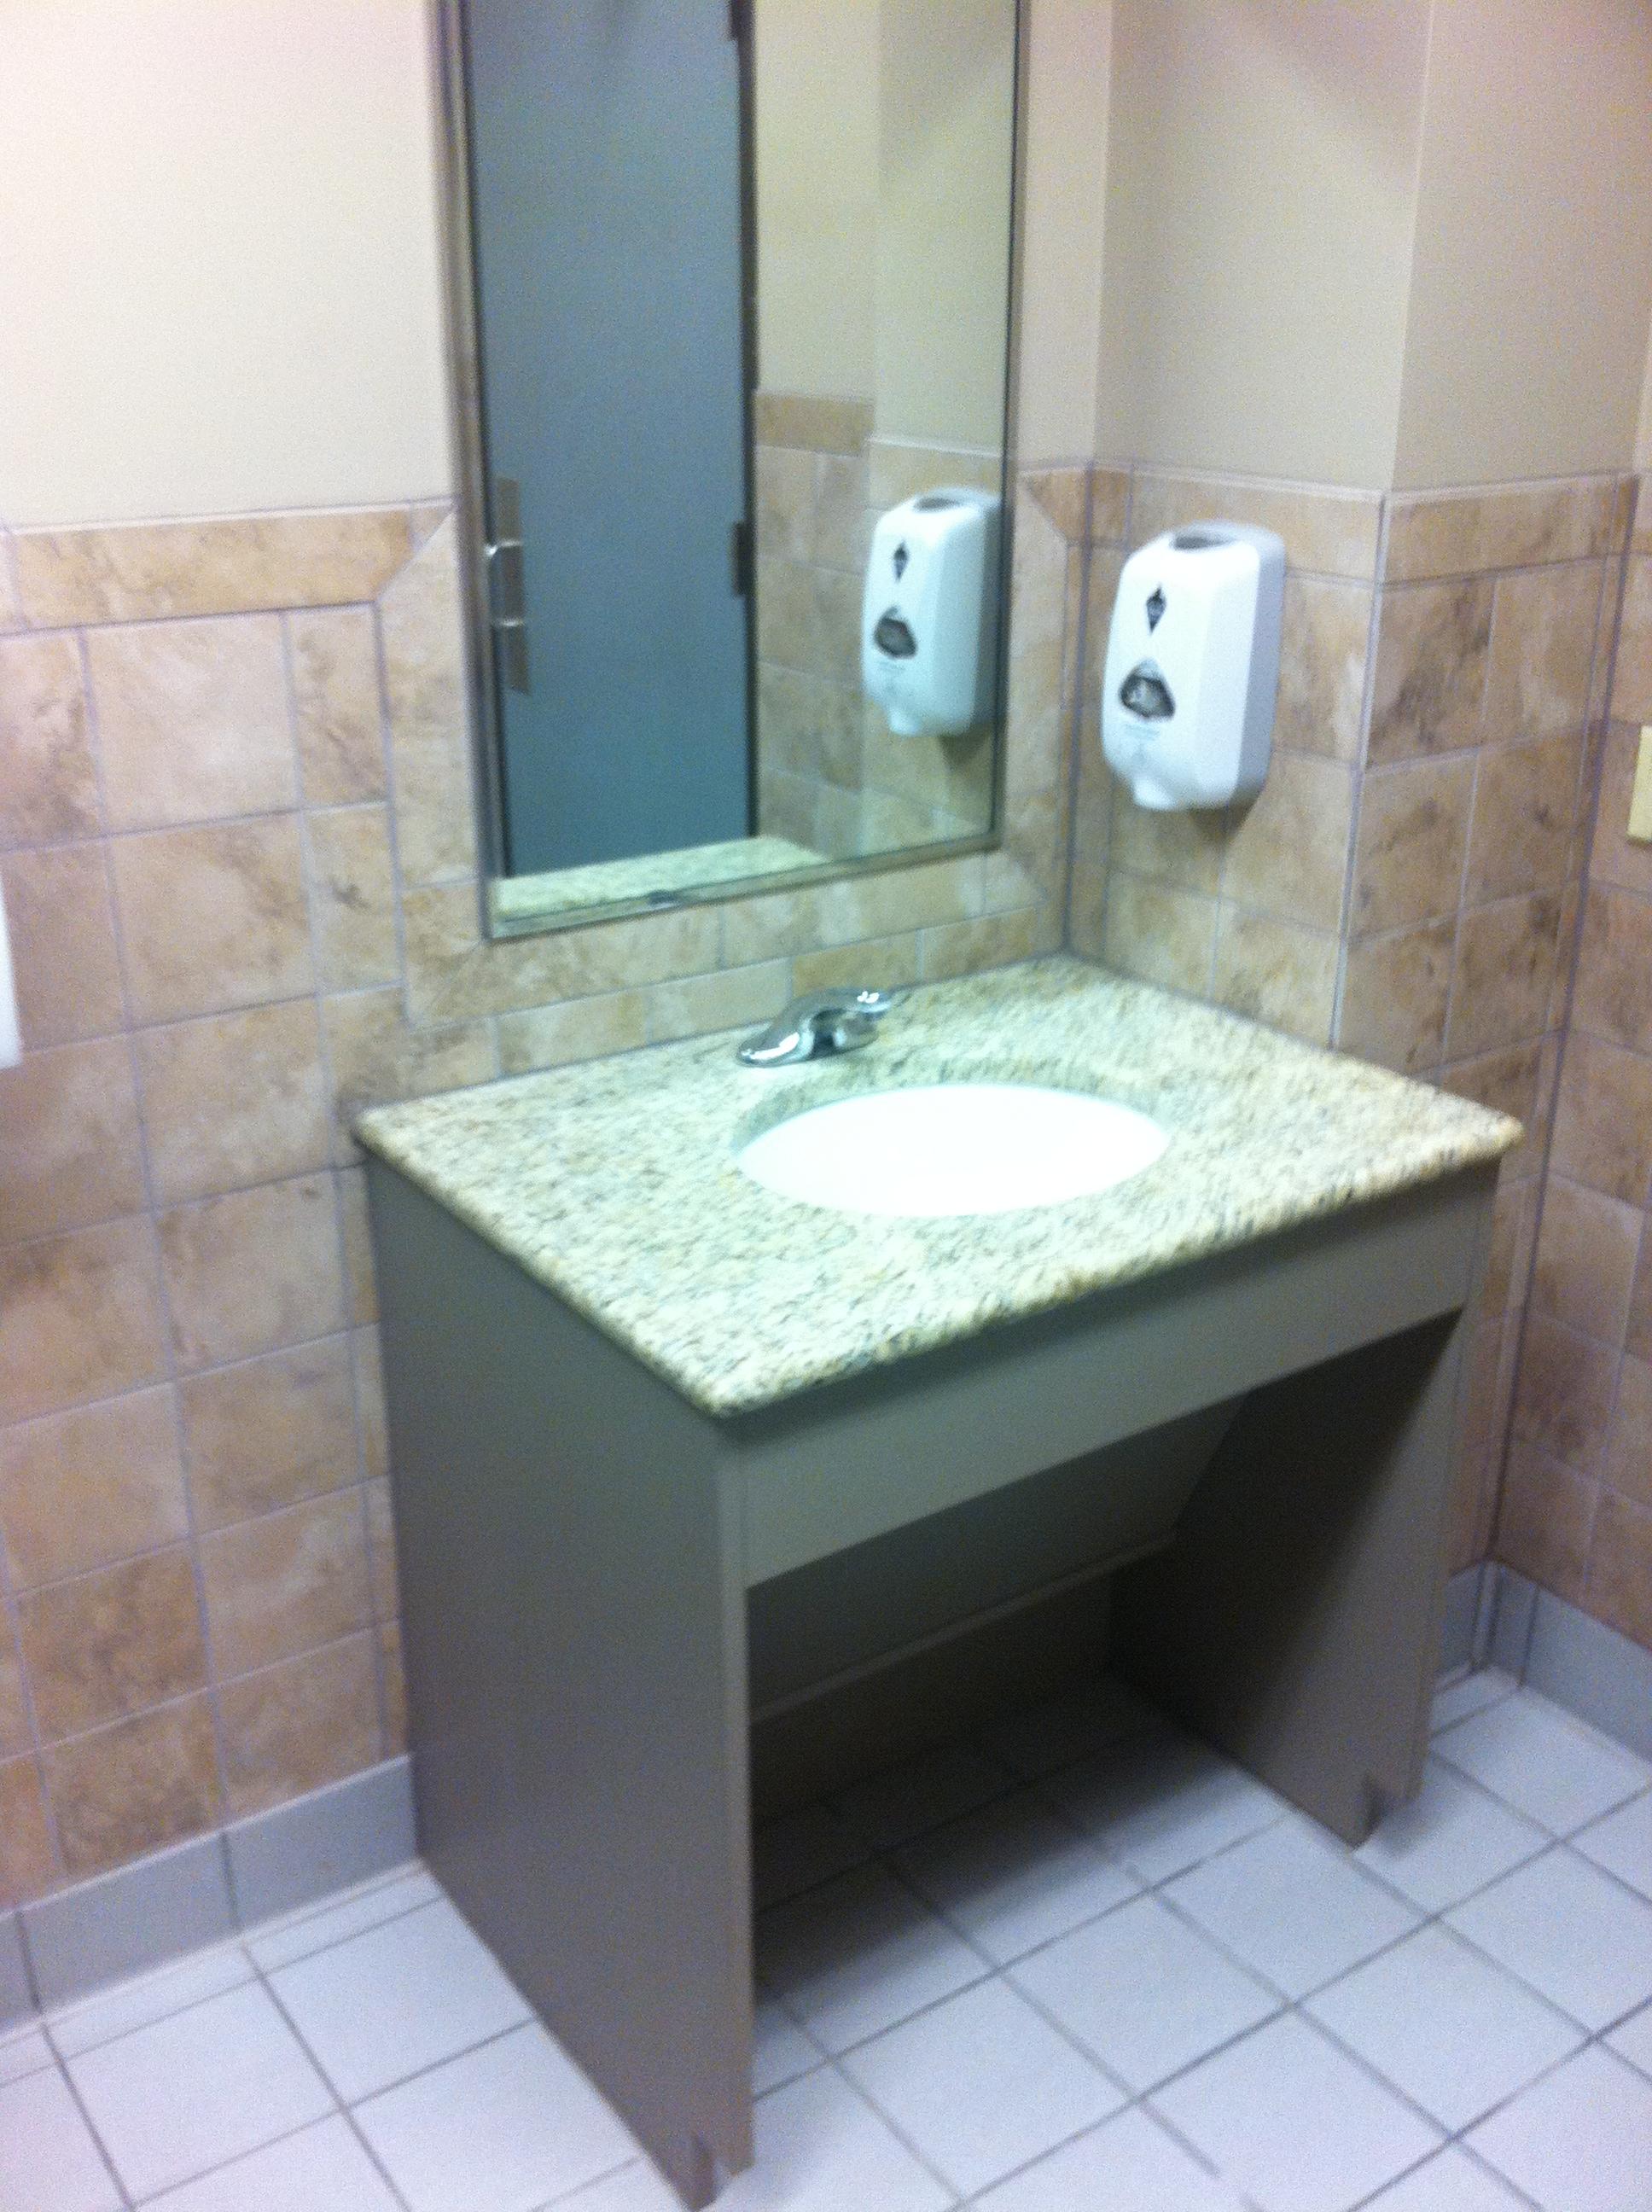 Commercial Bathroom Remodeling In Austin - Wheelchair accessible bathroom sink vanity